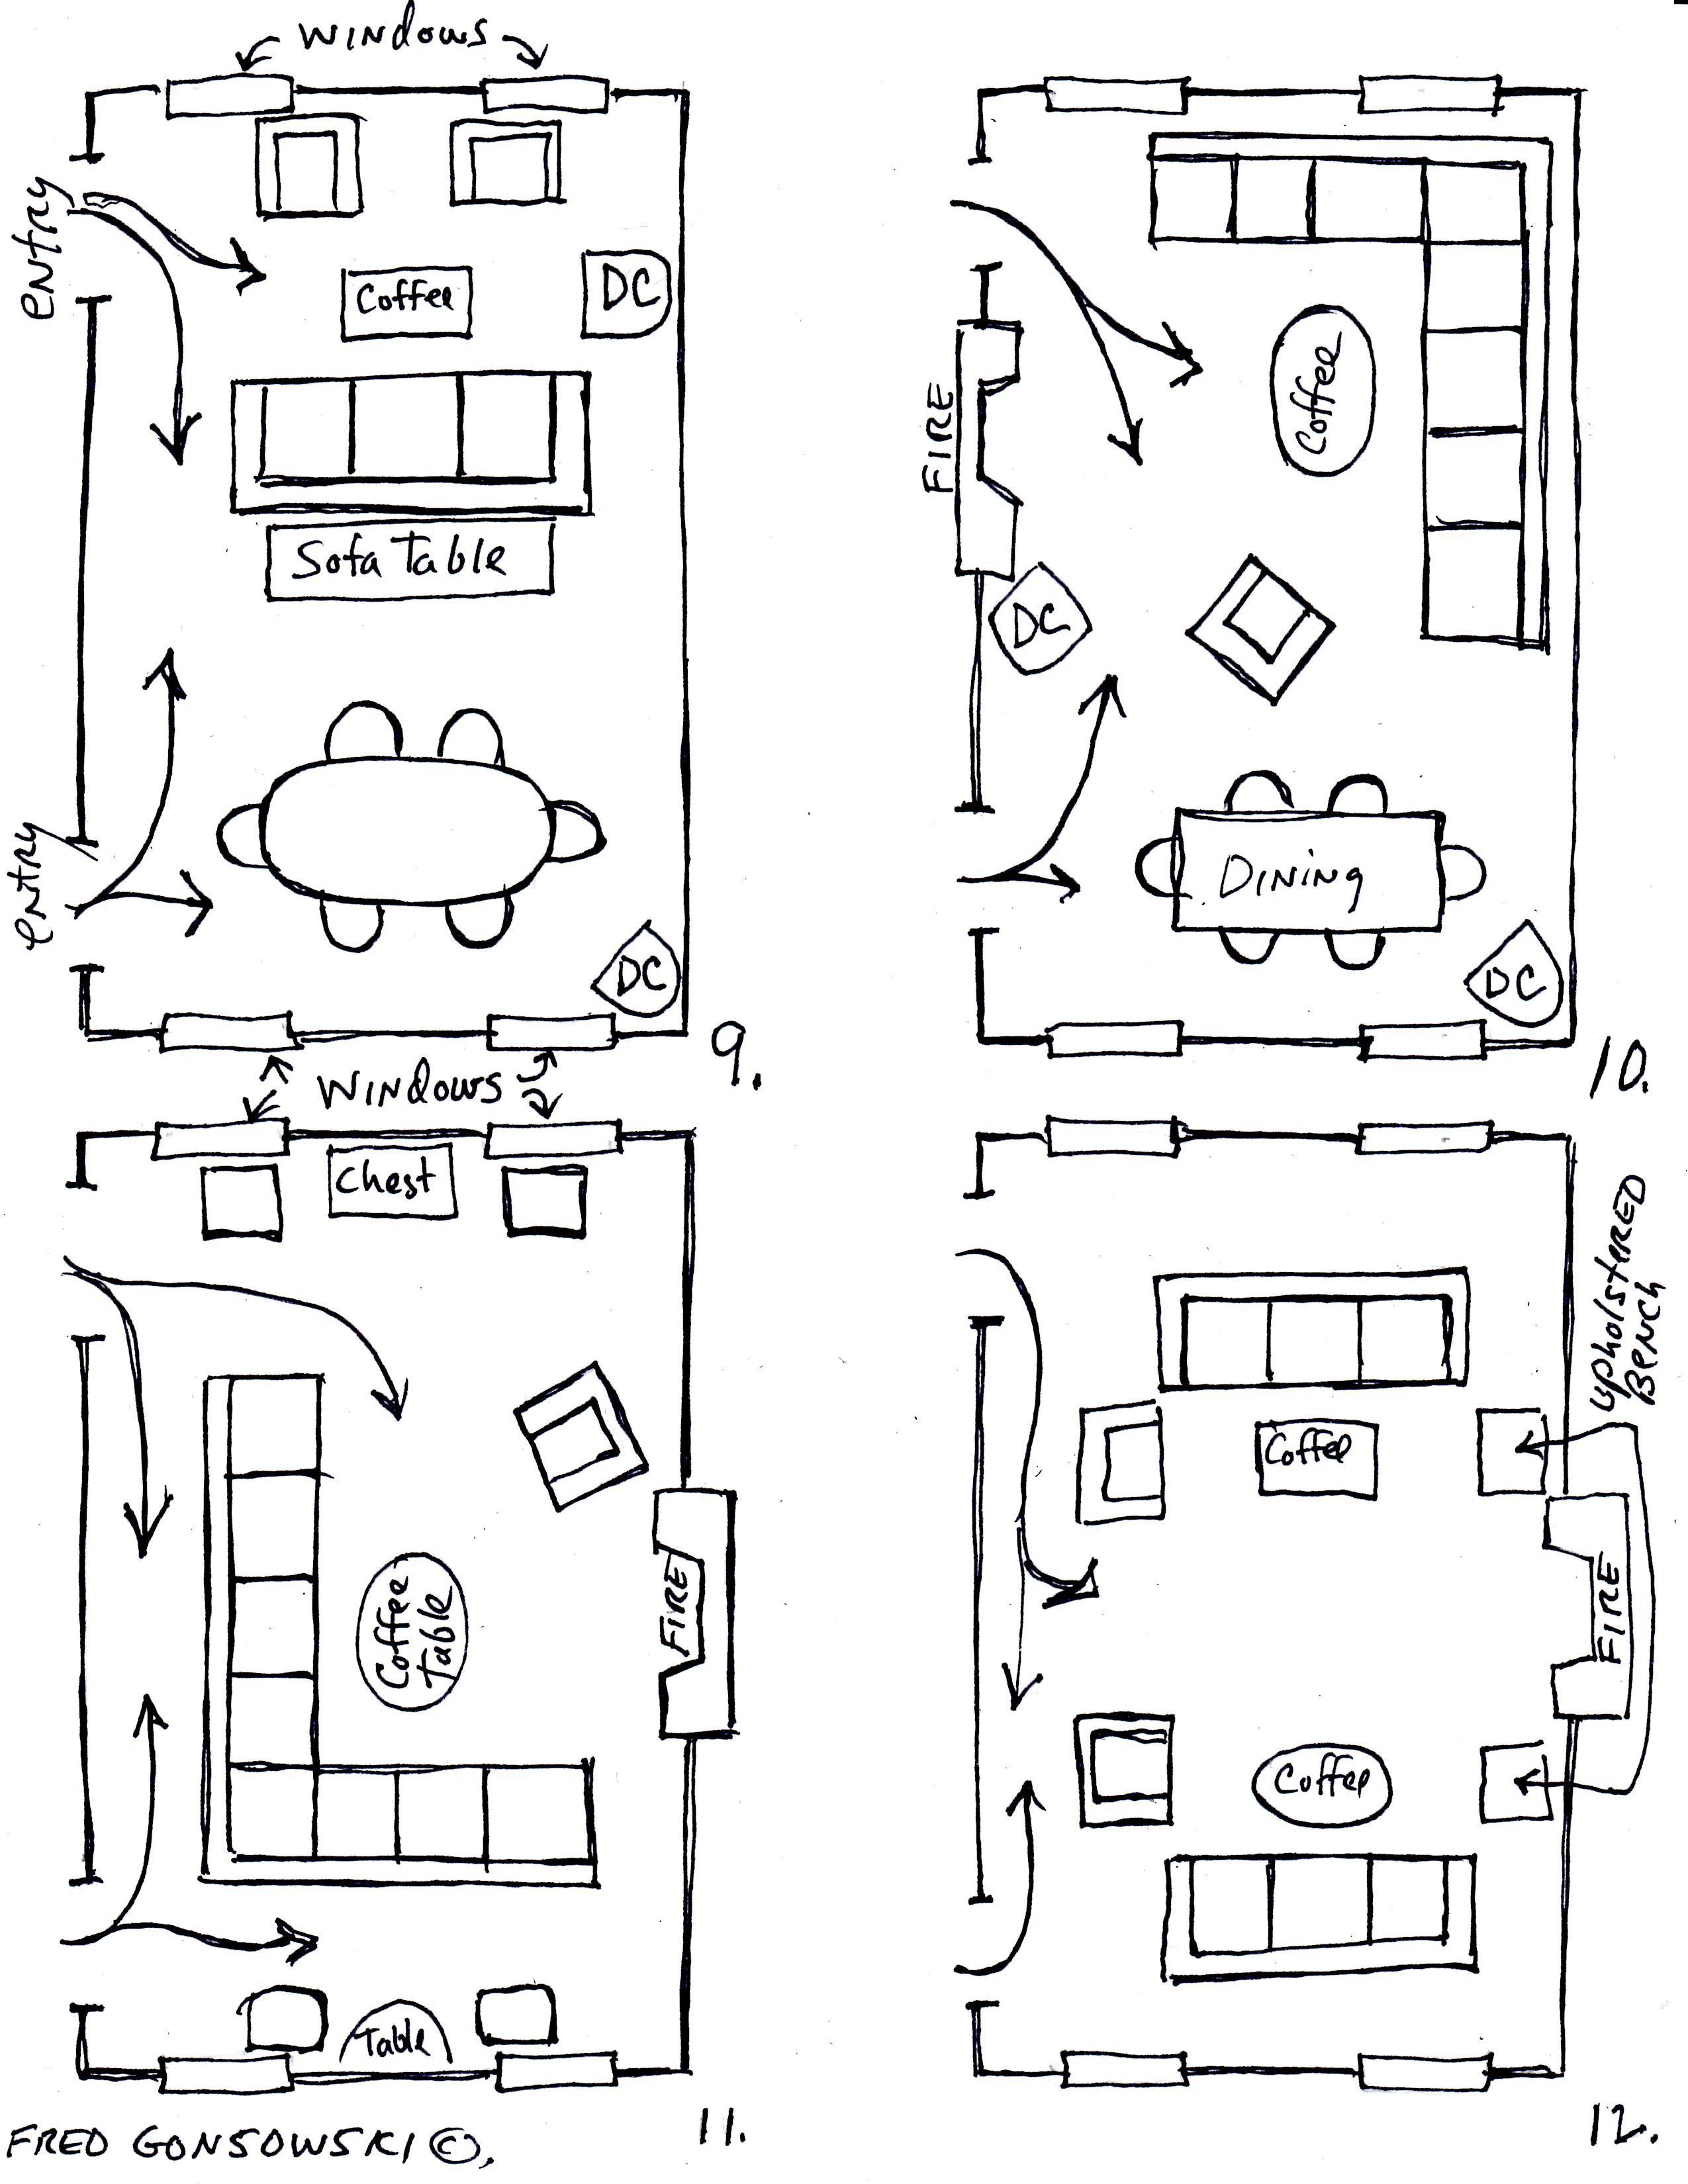 medium resolution of furniture setup for rectangular living room bottom left